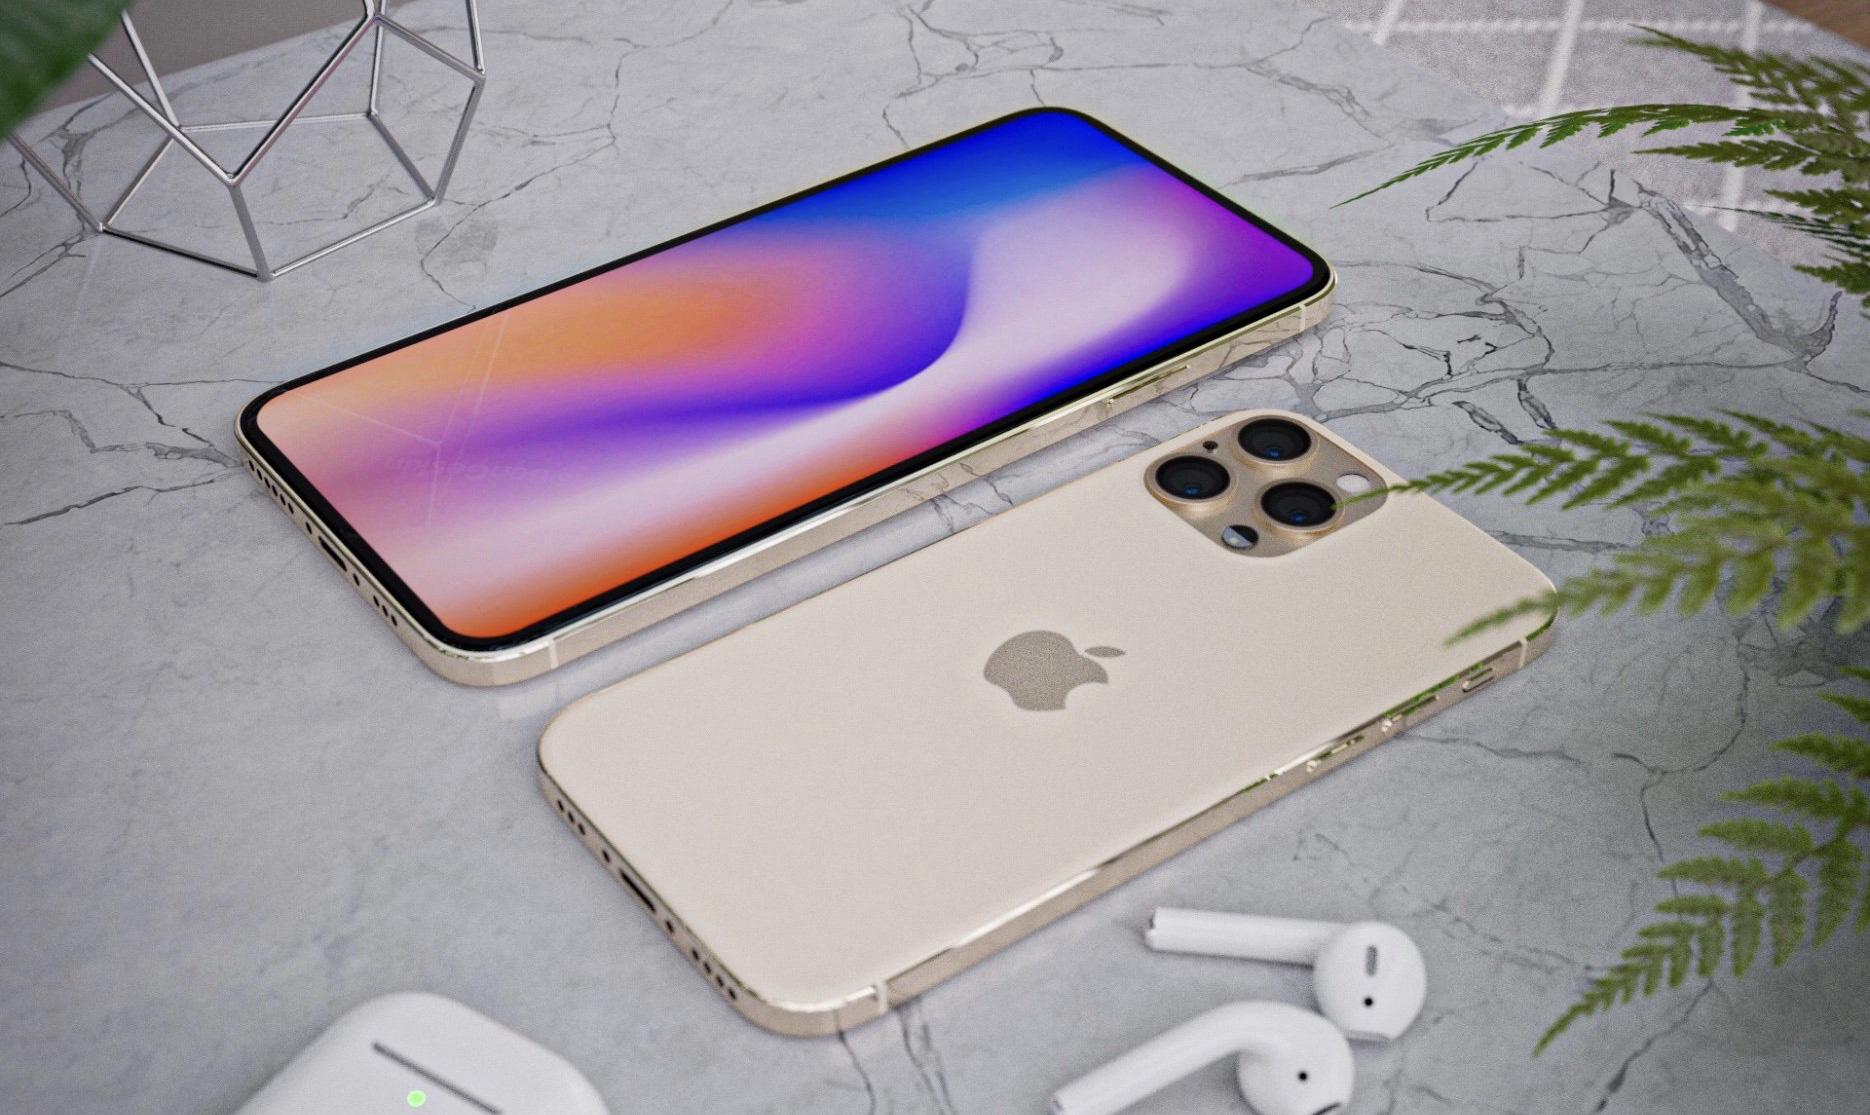 Các dòng iPhone 12 sẽ được nâng cấp camera góc rộng và hiệu suất cao hơn - Ảnh 2.